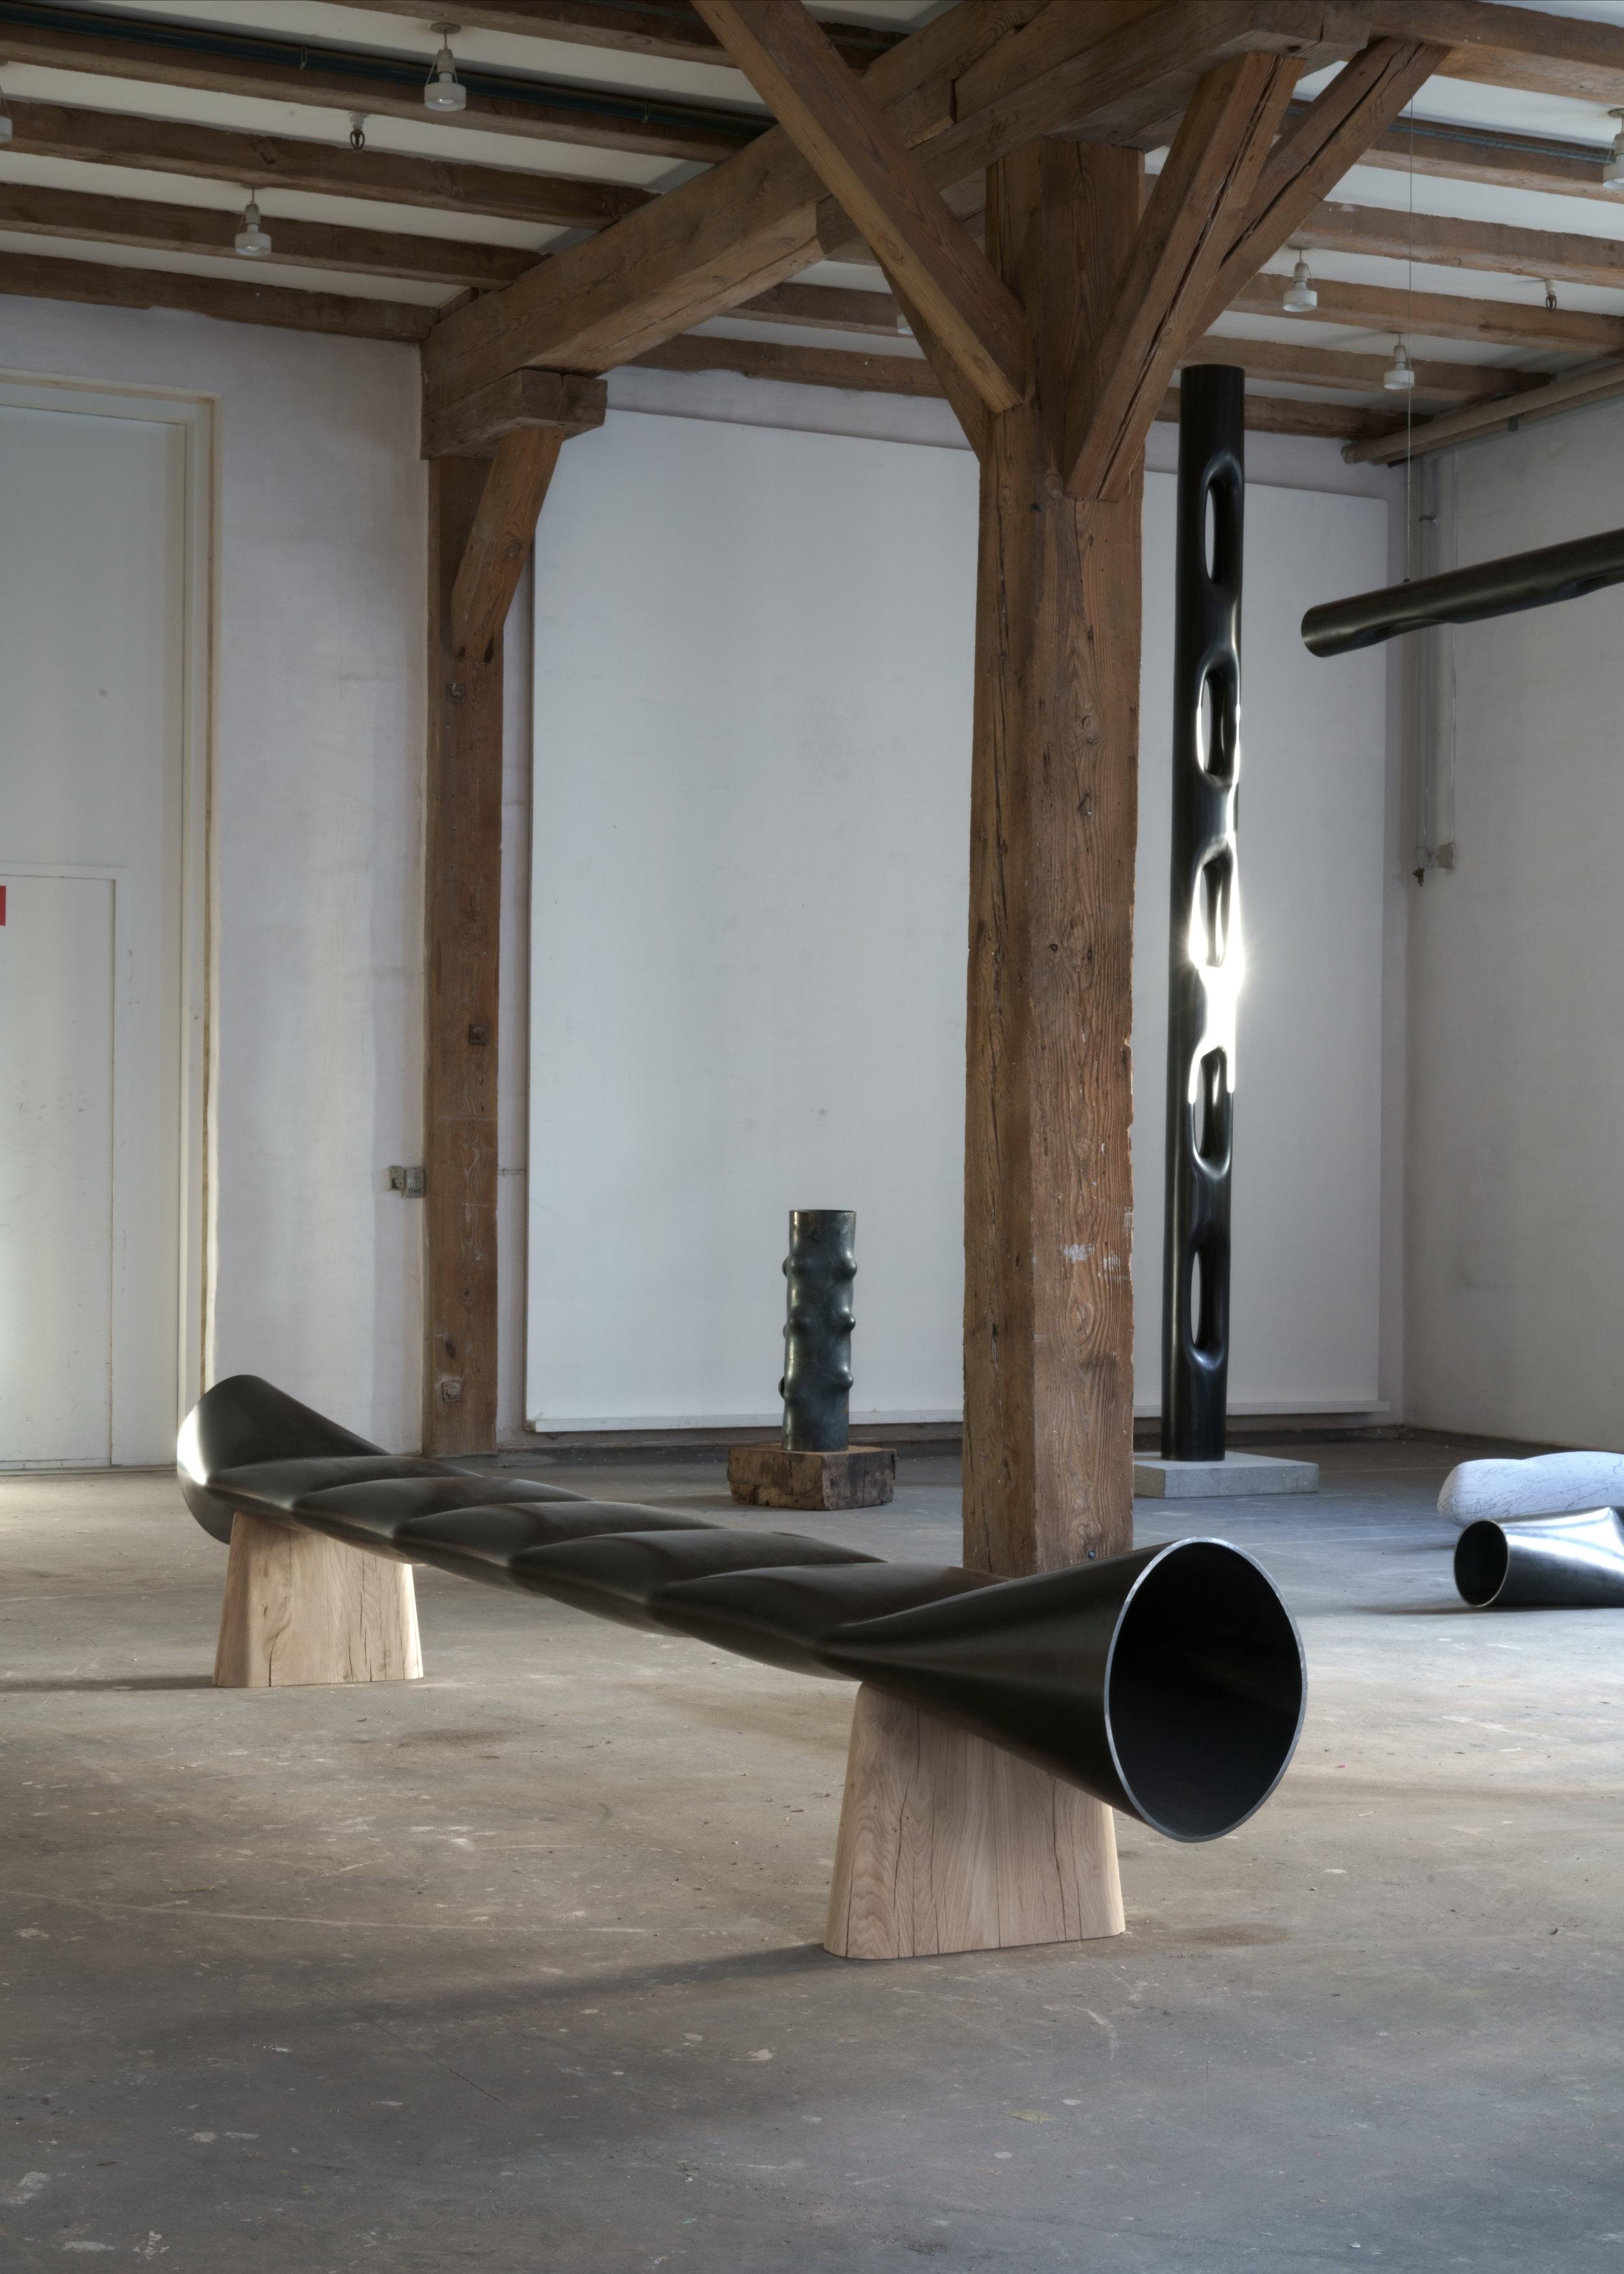 Danish designer and metalworker Jakob Joergensen's Totem